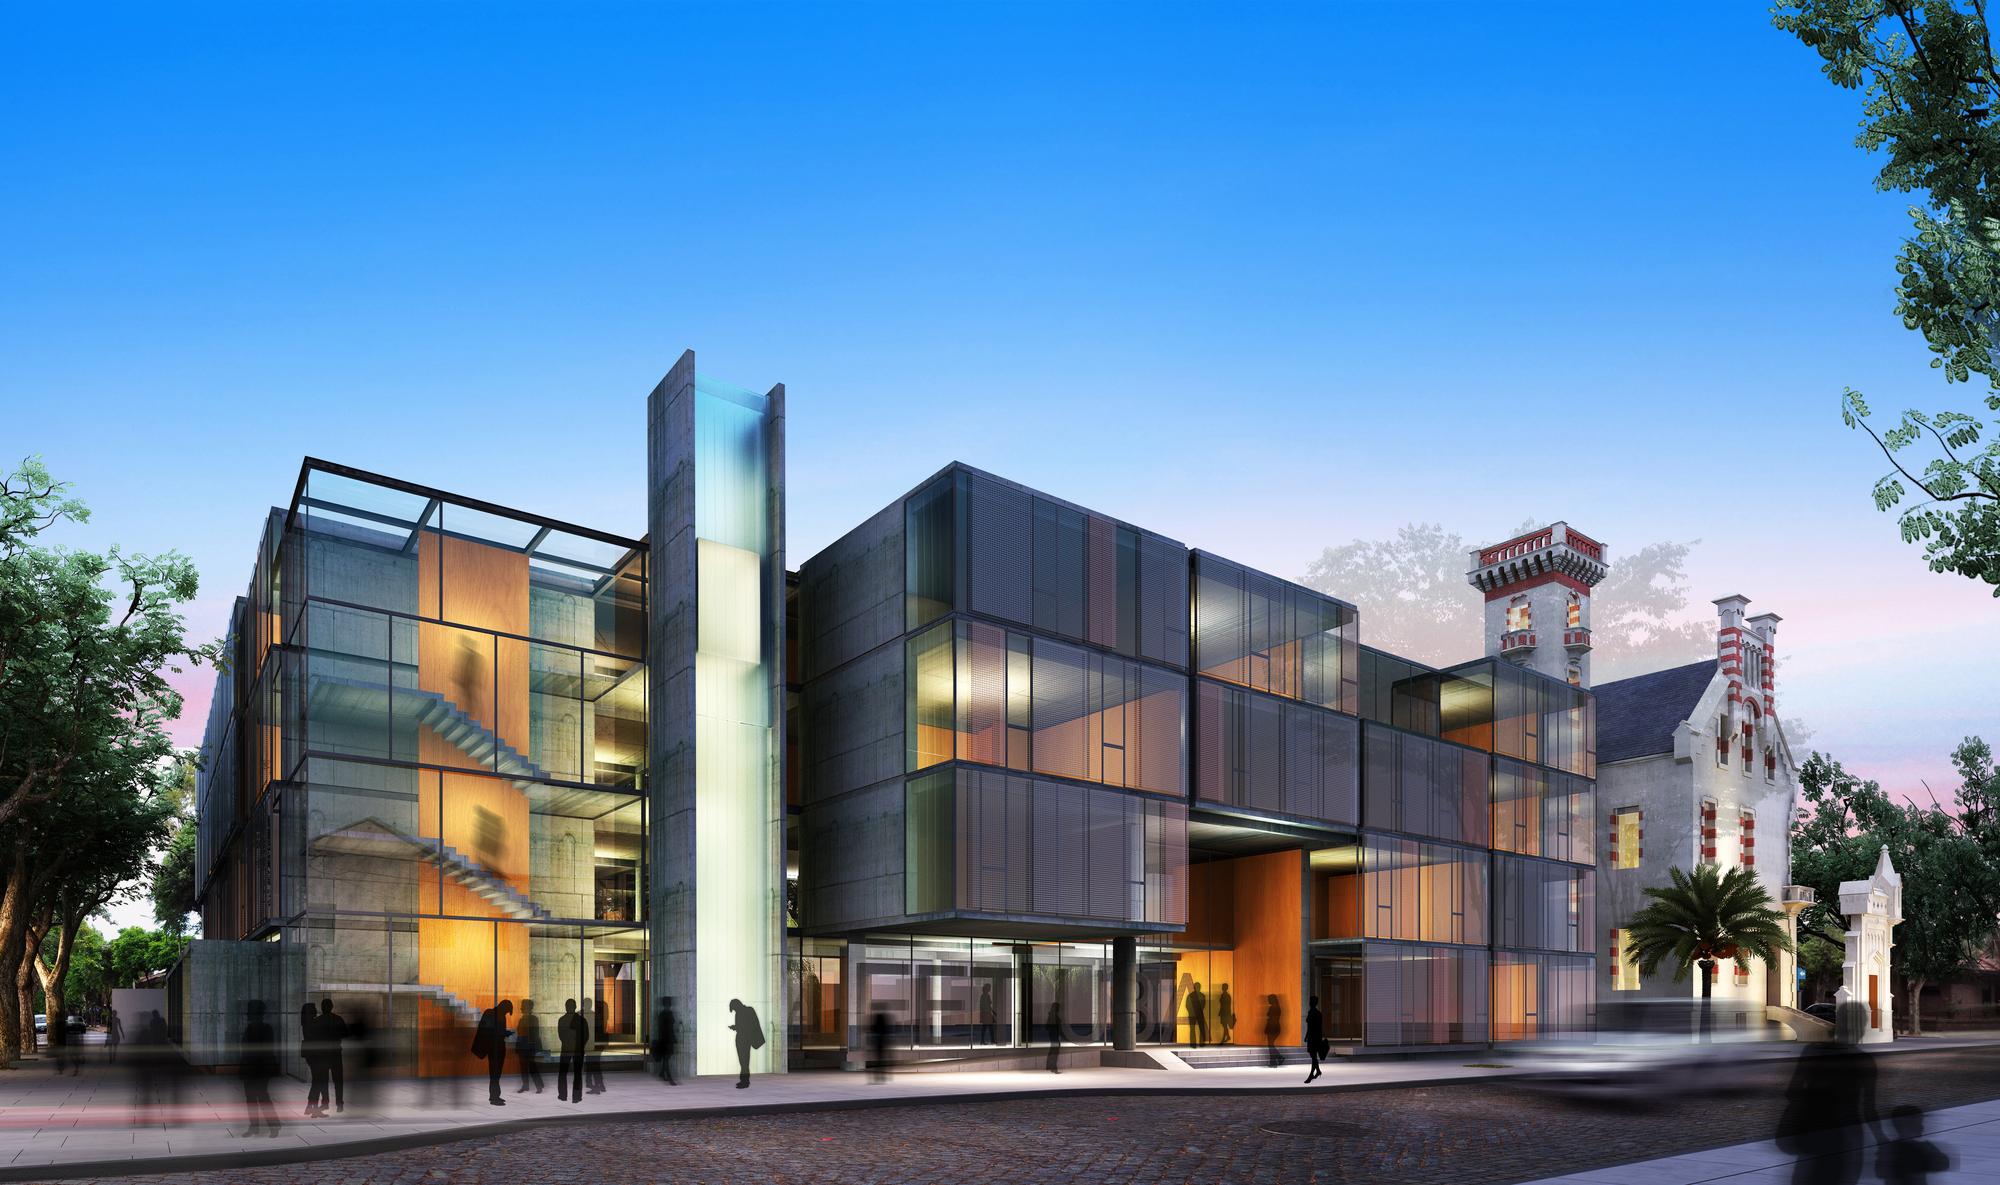 Menci n premiada concurso arquifadu nueva escuela de for Arquitectura de interiores universidades